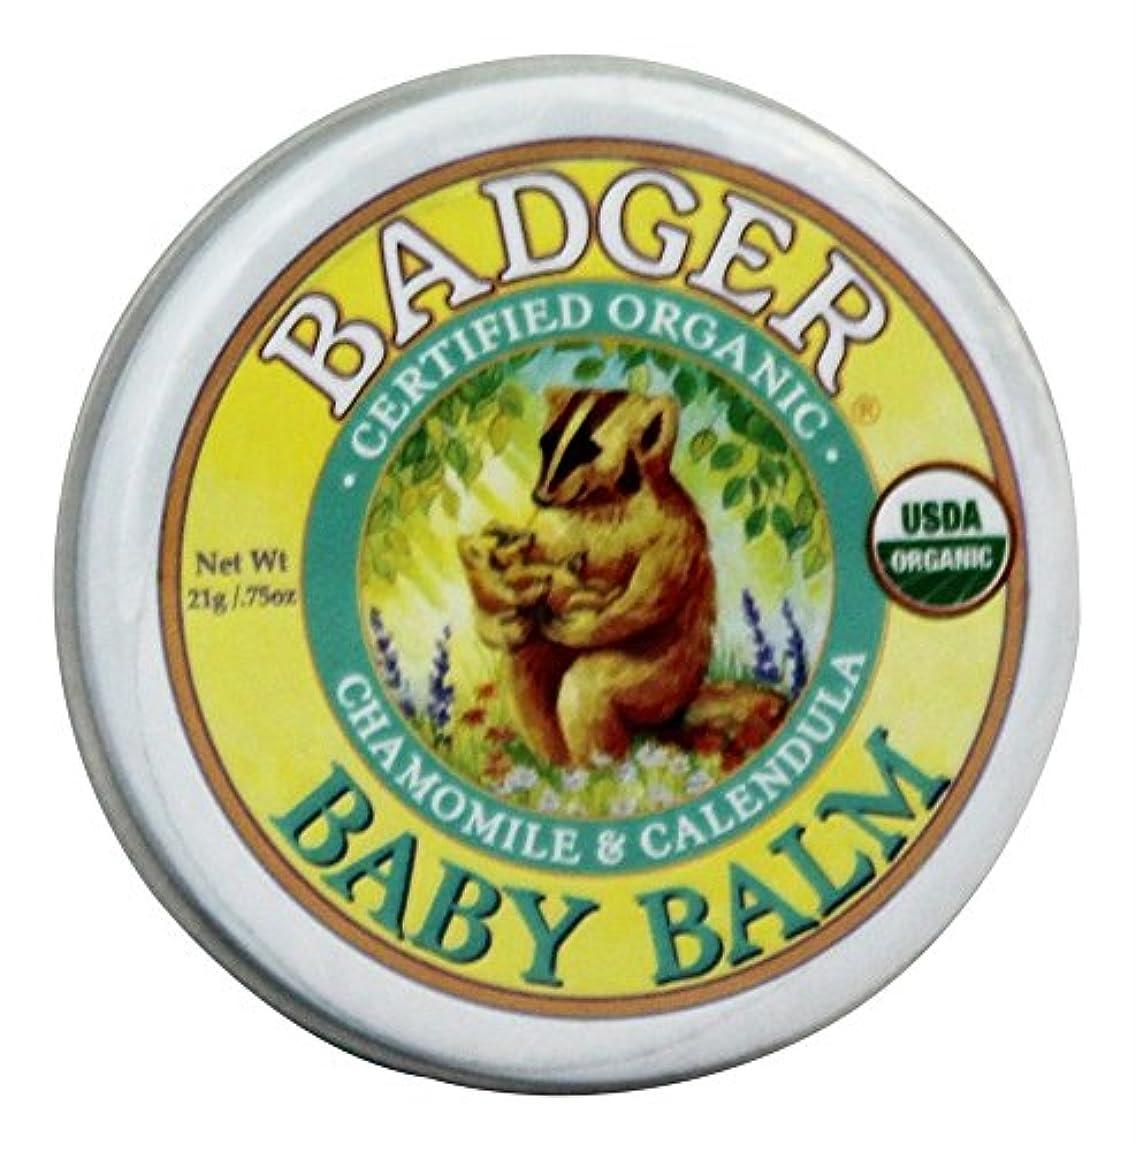 Badger - 赤ん坊の香油のChamomile及びCalendula - 0.75ポンド [並行輸入品]